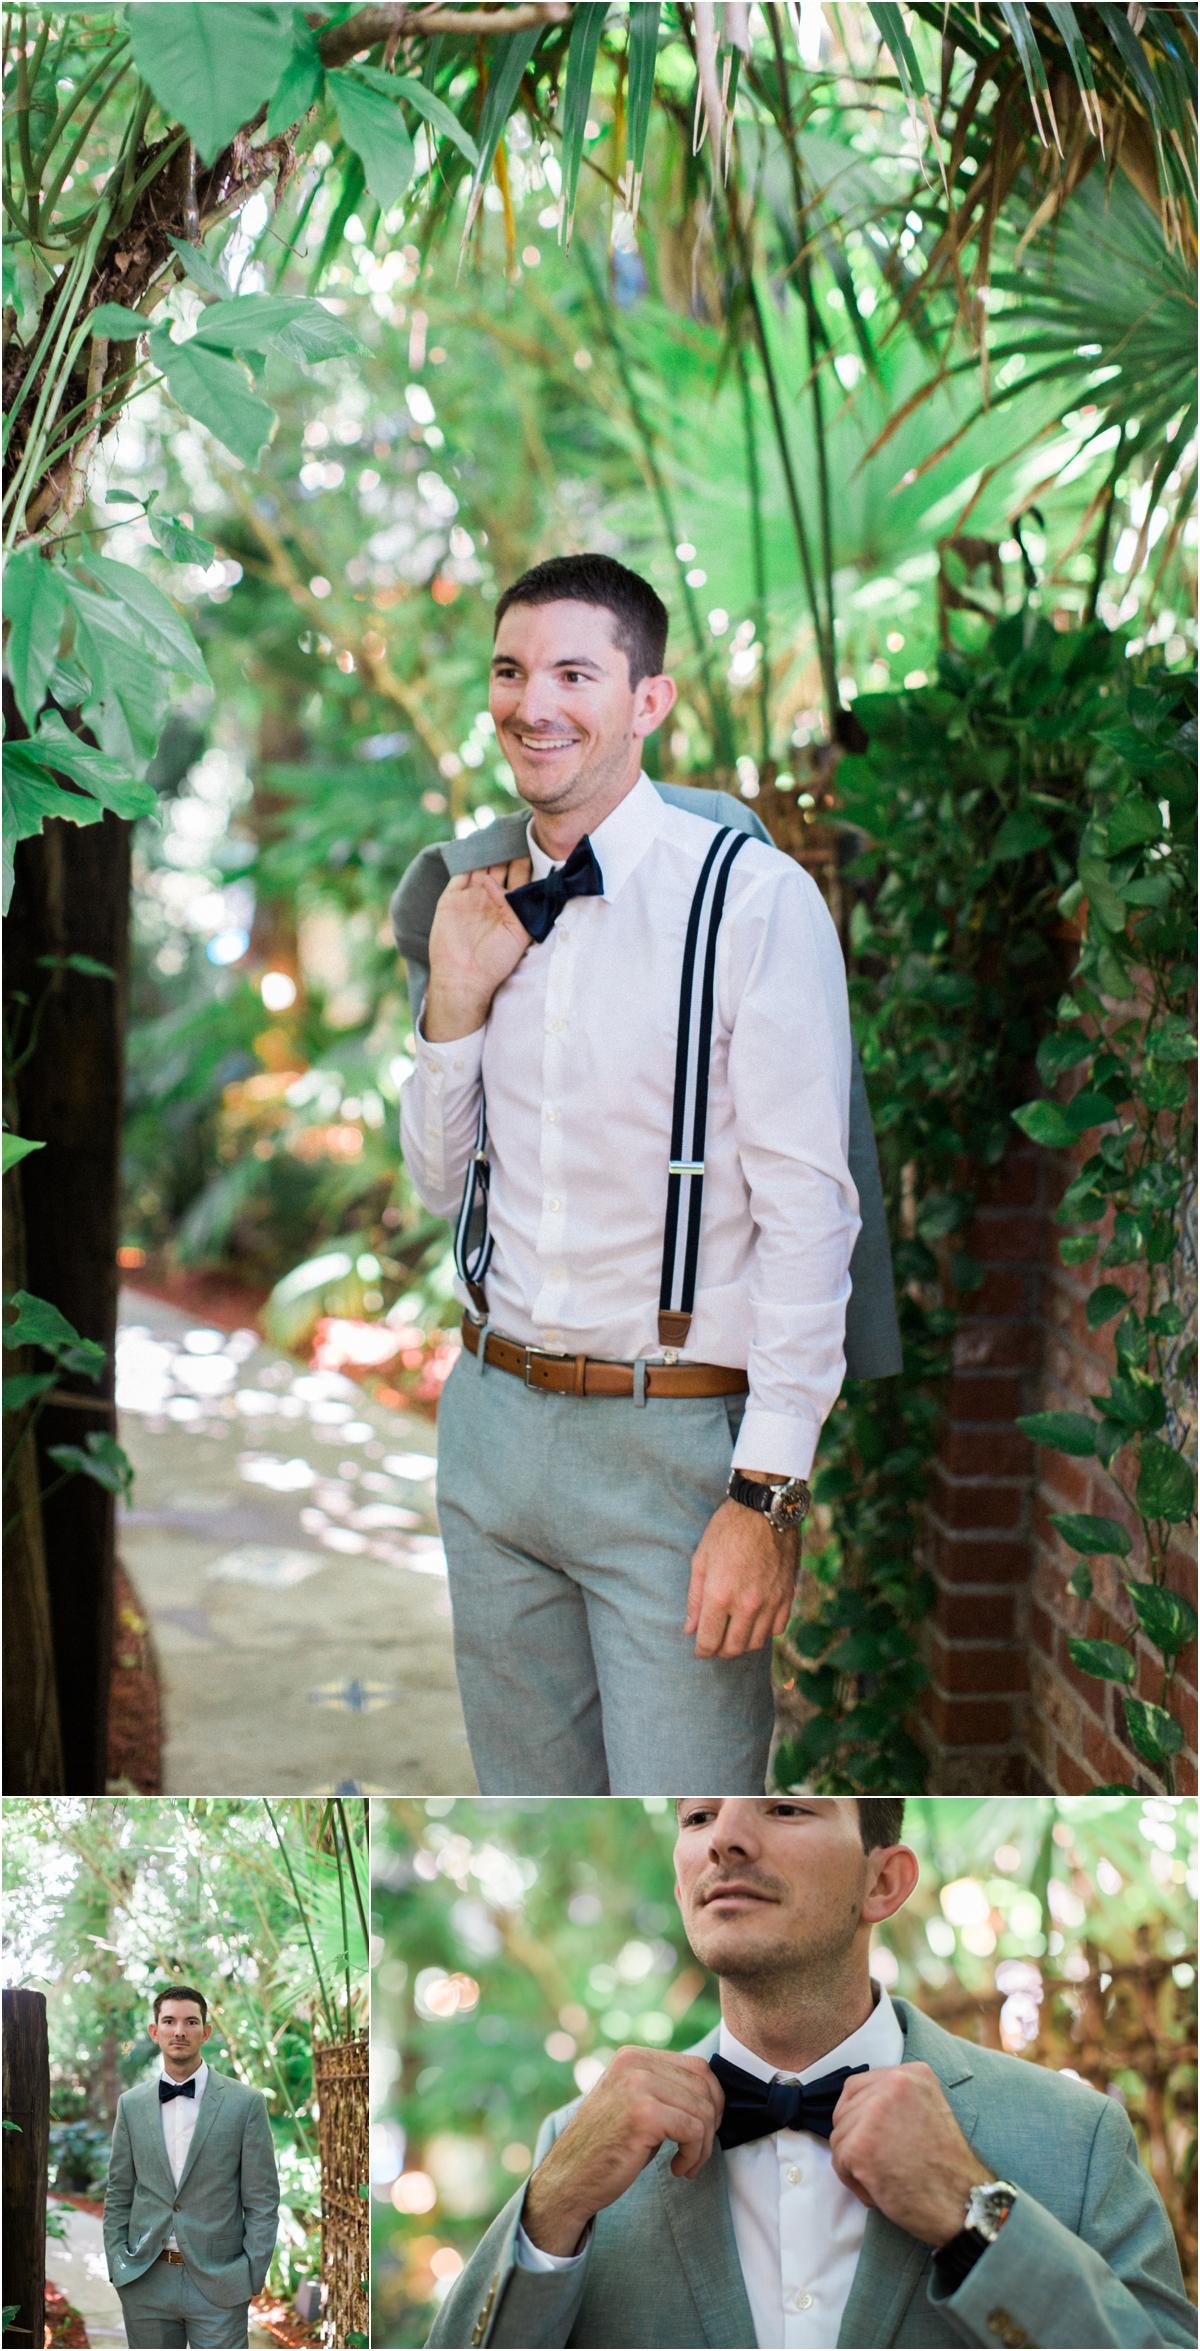 Waldos-Secret-Garden-Wedding-Photos-Vero_0005